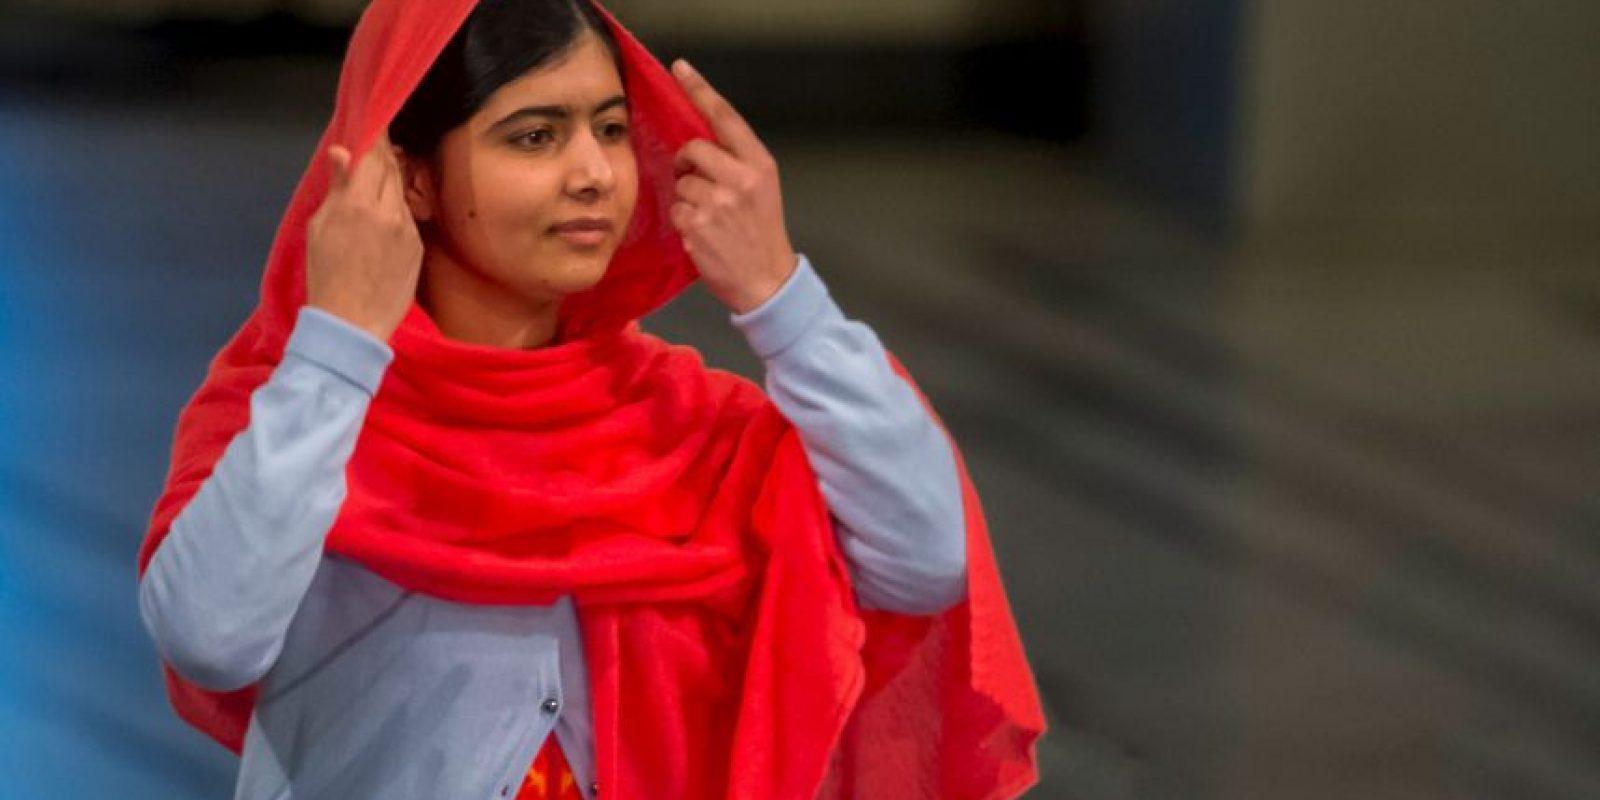 Es la mujer más joven en recibir el galardón: tenía 17 años Foto:Getty Images